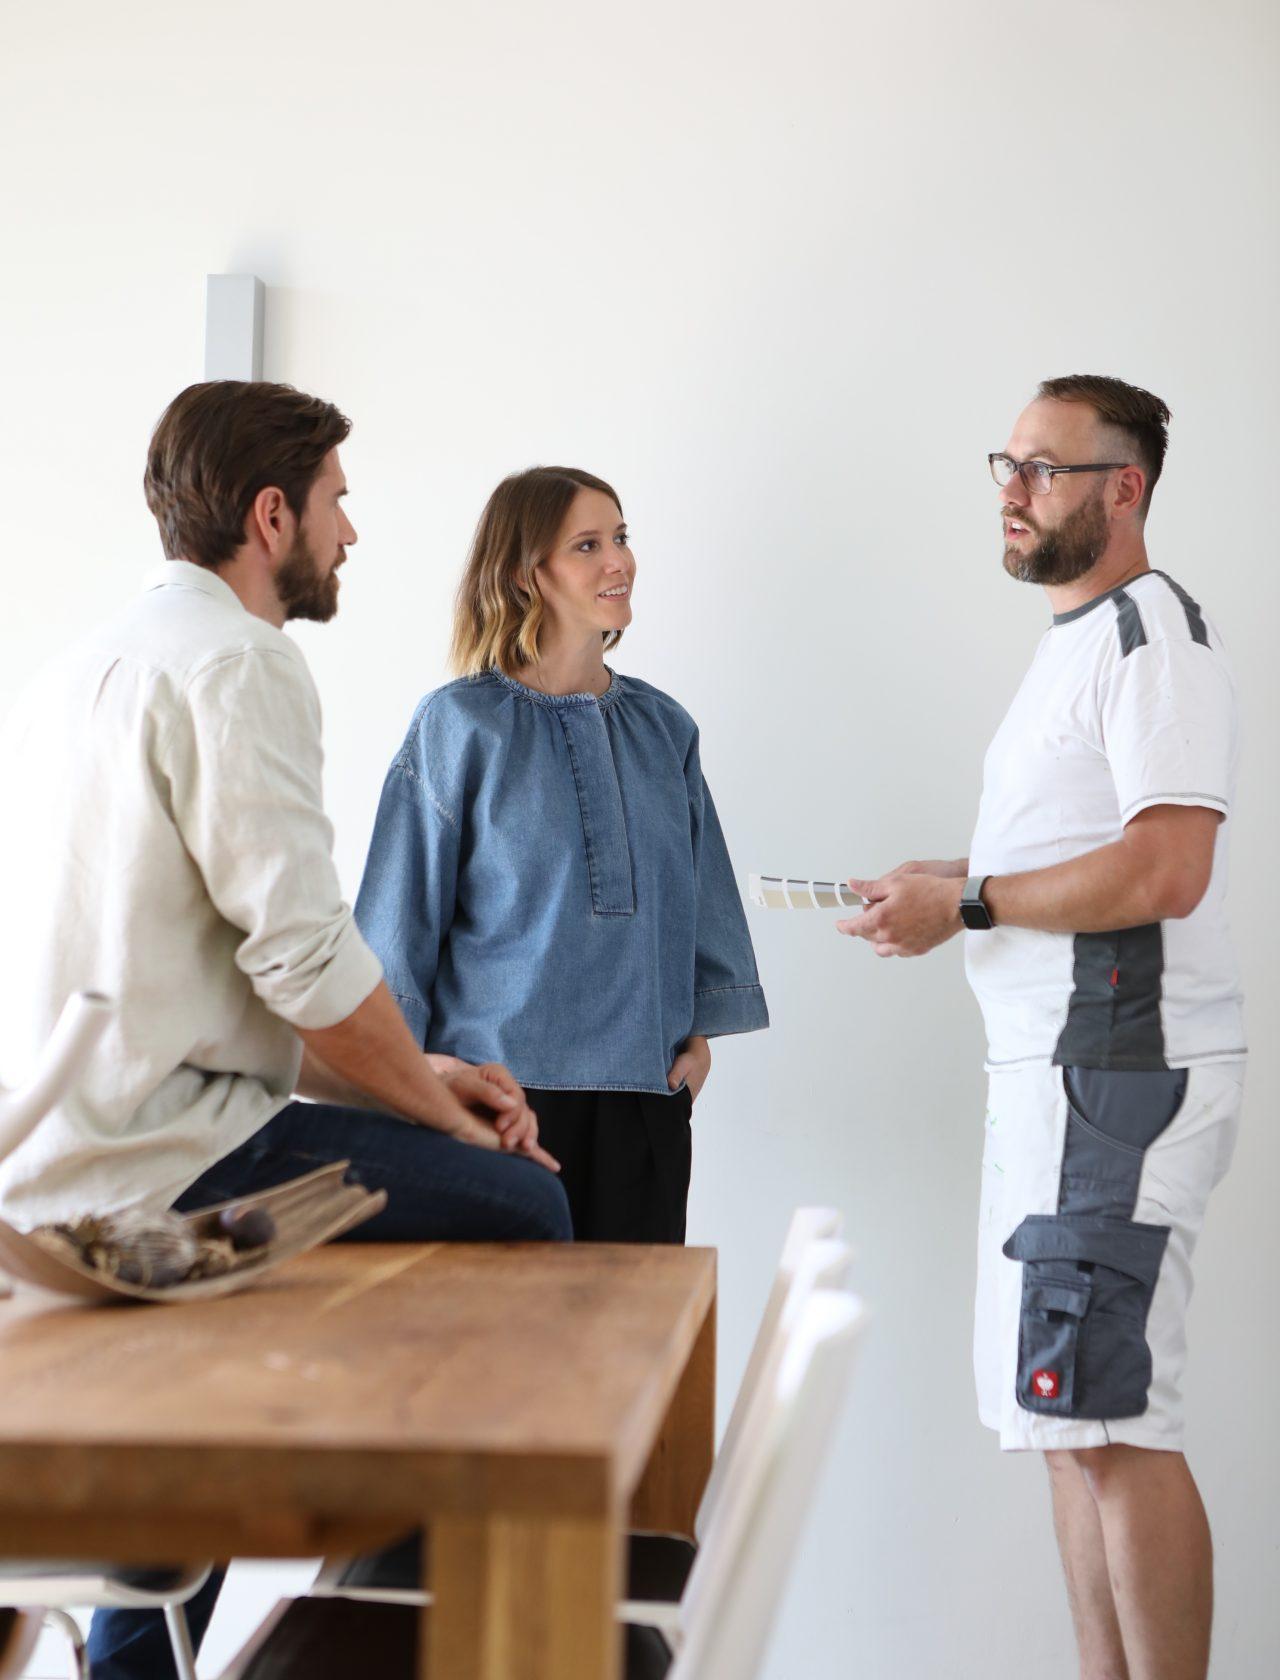 Malermeister spricht mit Mann und Frau zu Wandfarbe